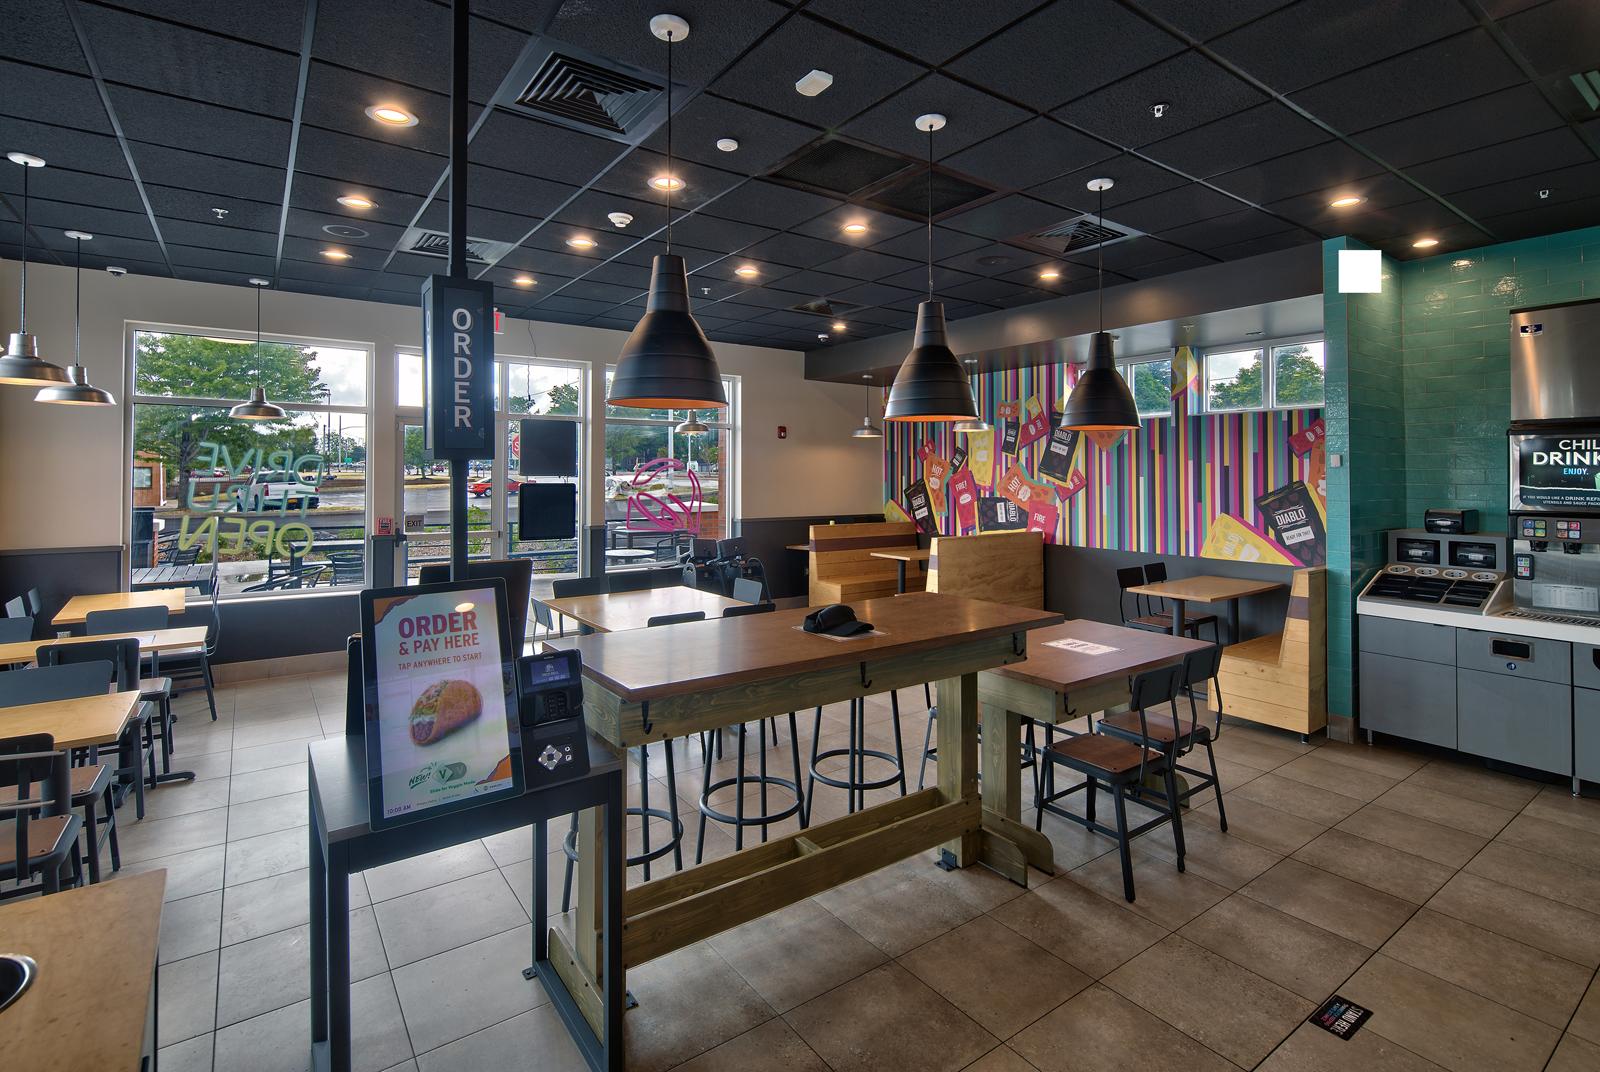 taco-bell-interior-1.jpg